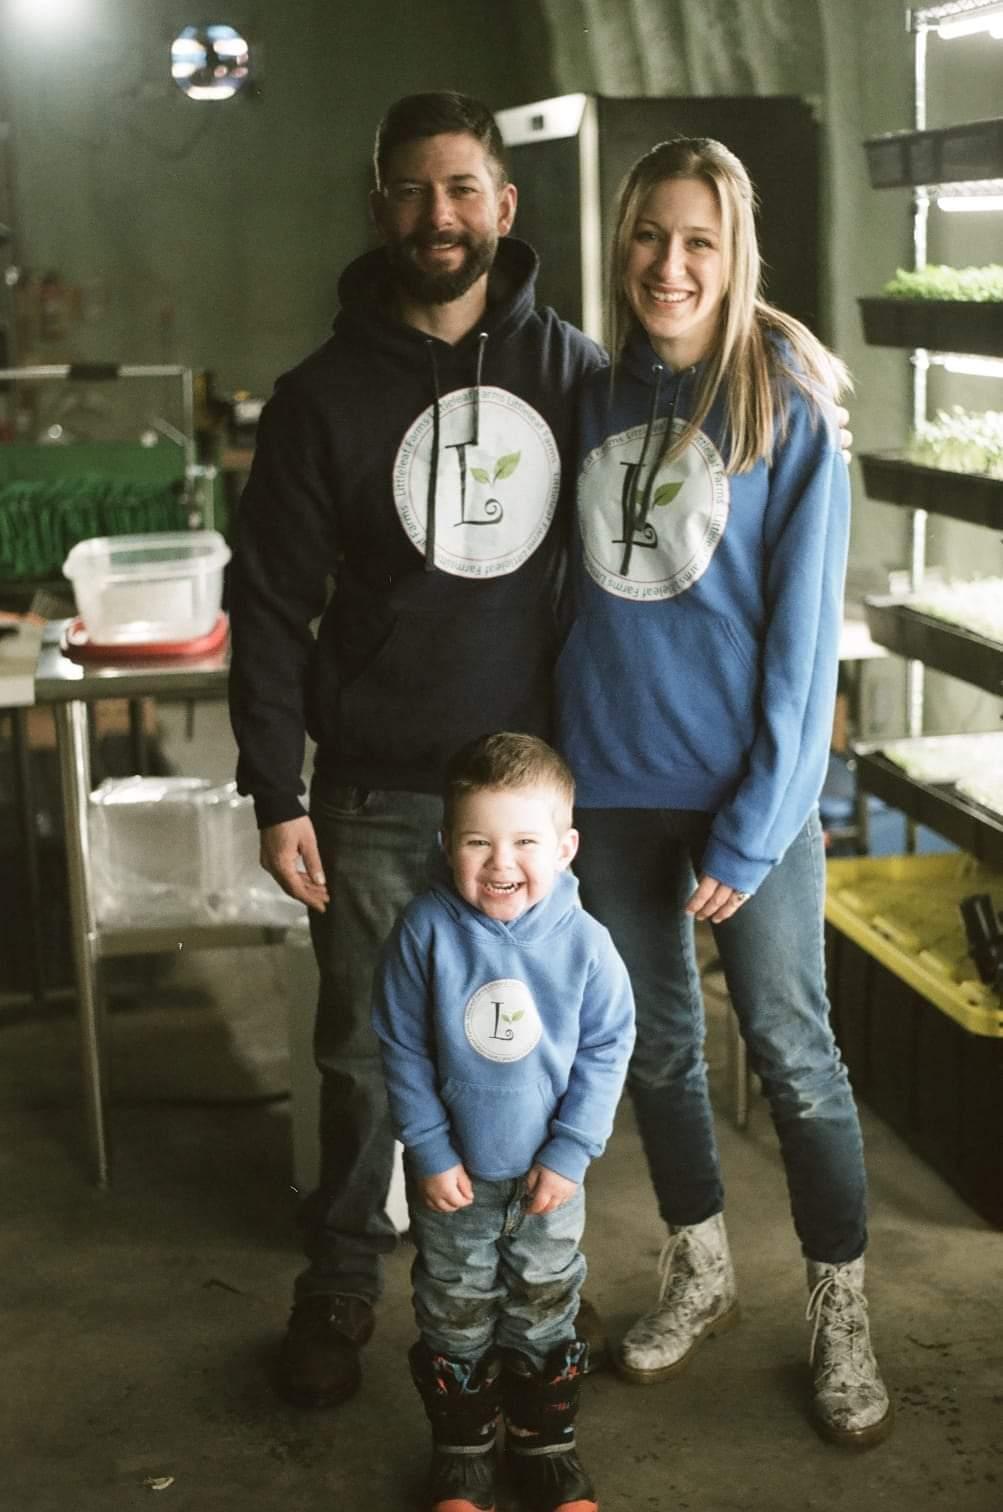 LittleLeaf family